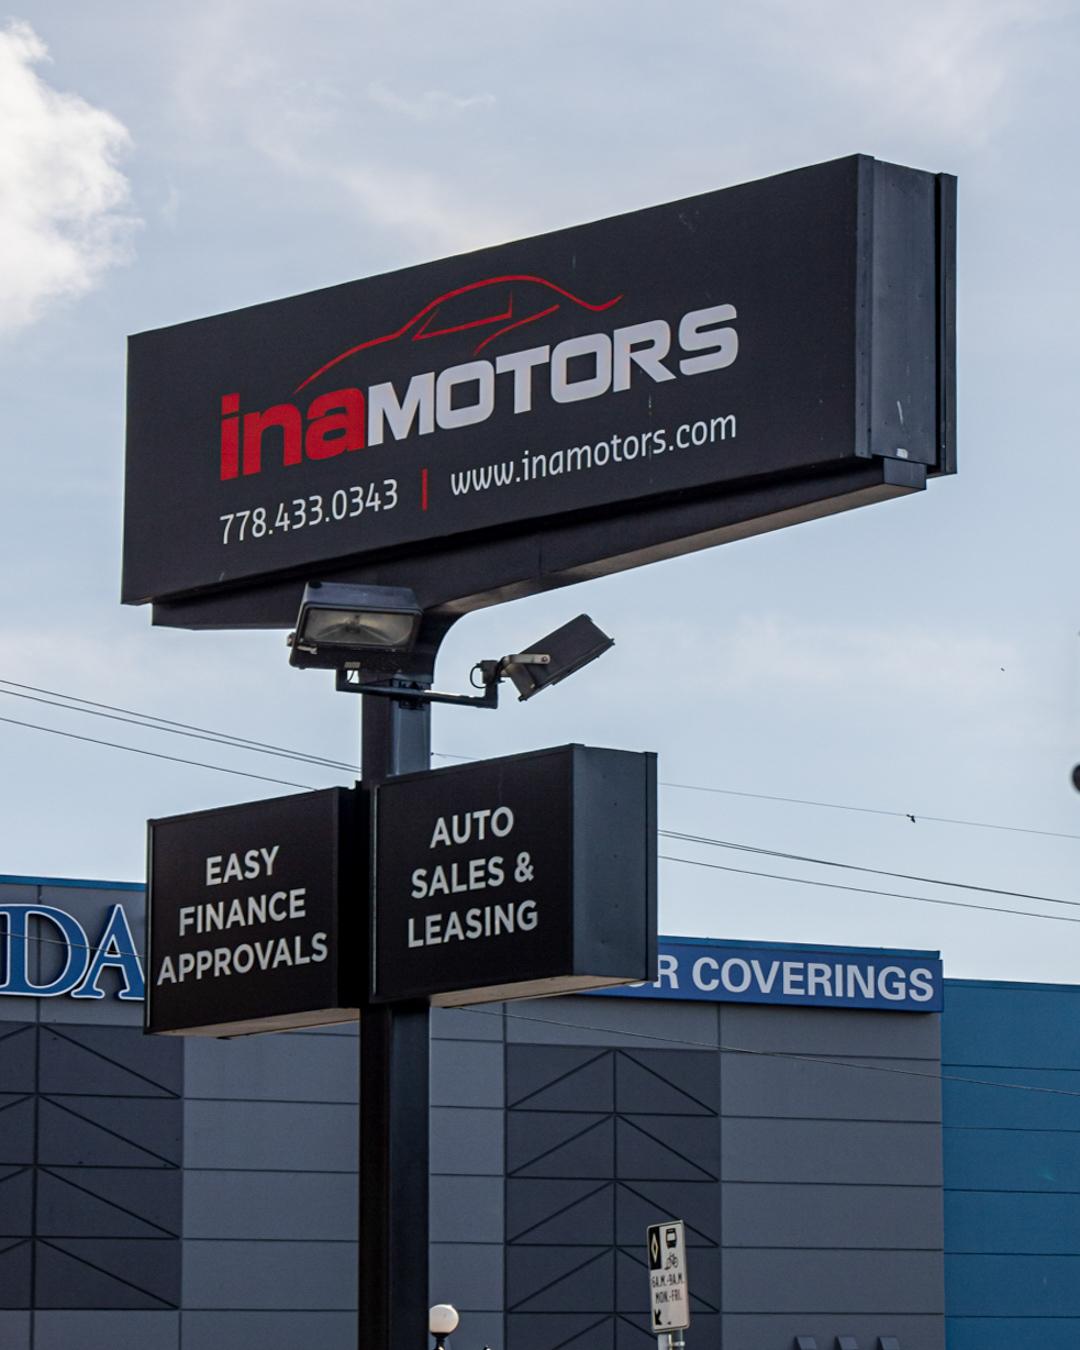 Ina motors-4670